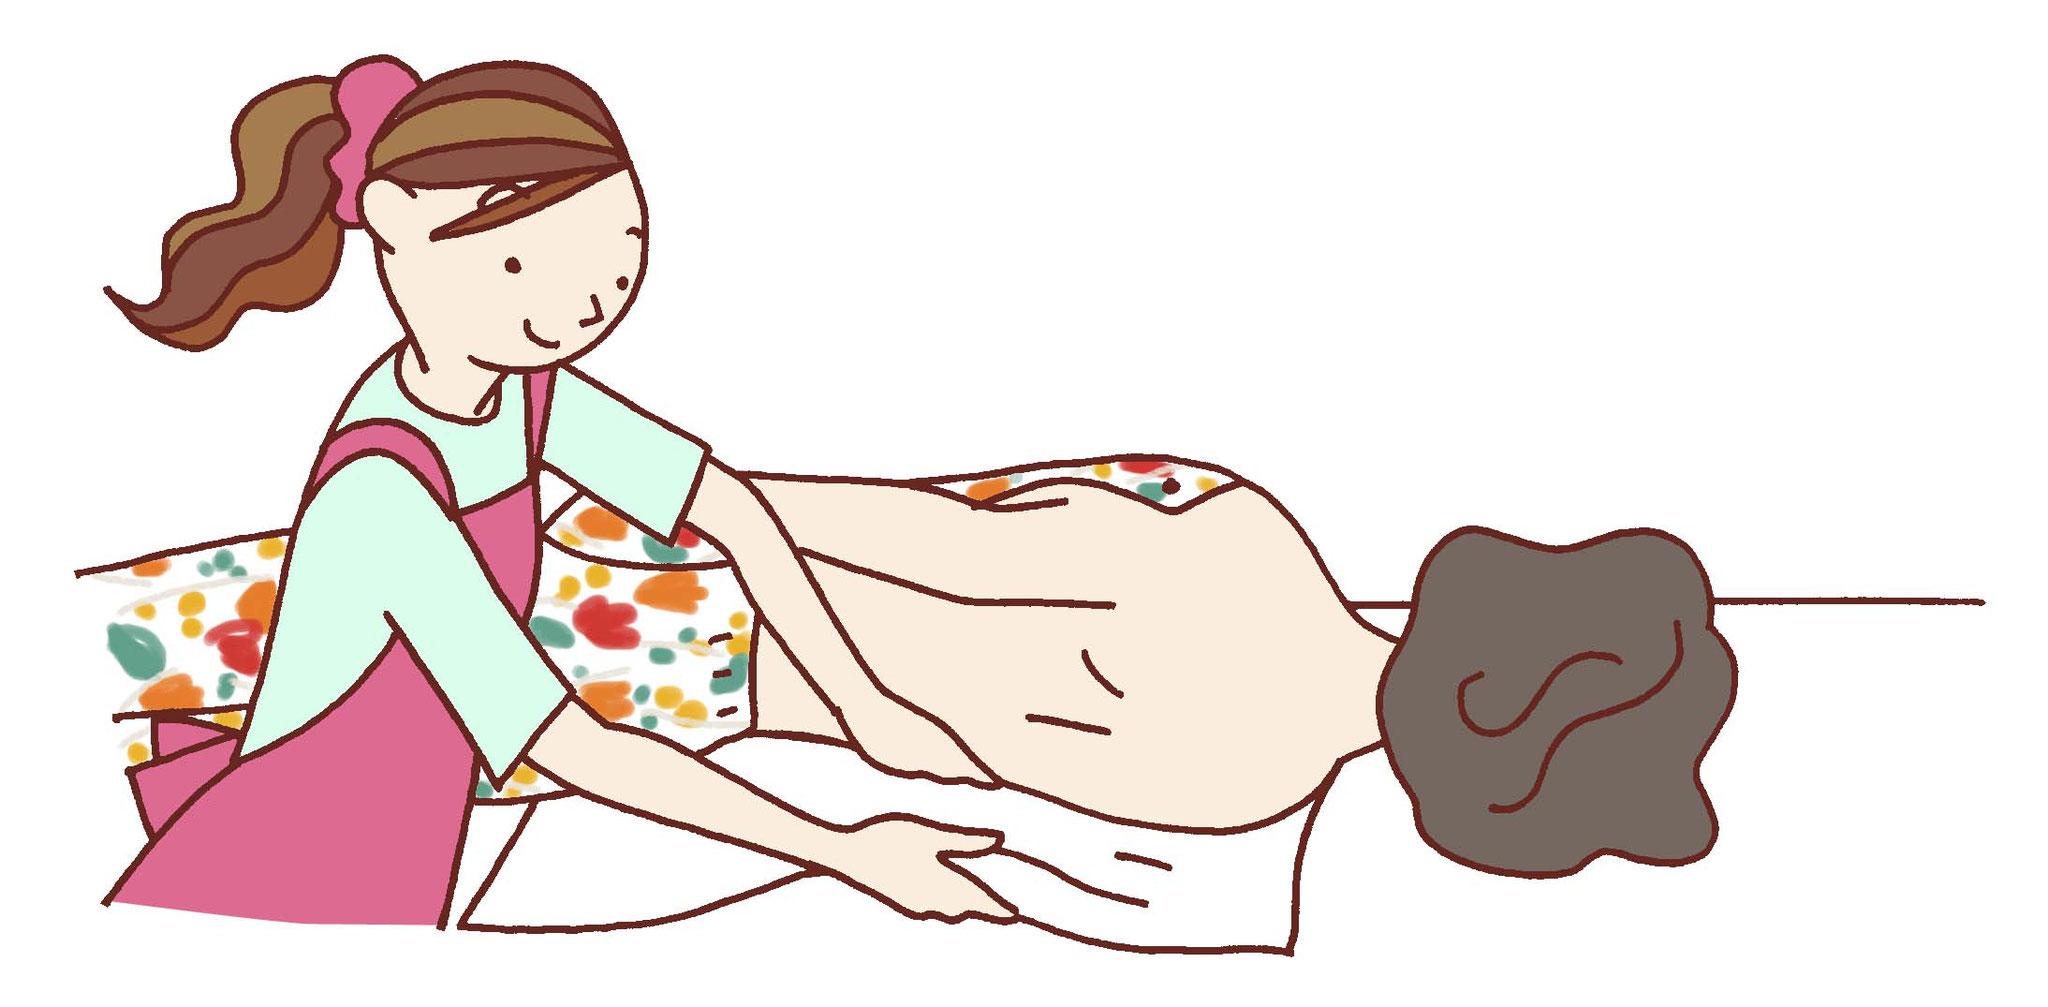 逆側からやや身体をあげて生地を引き出して広げる。